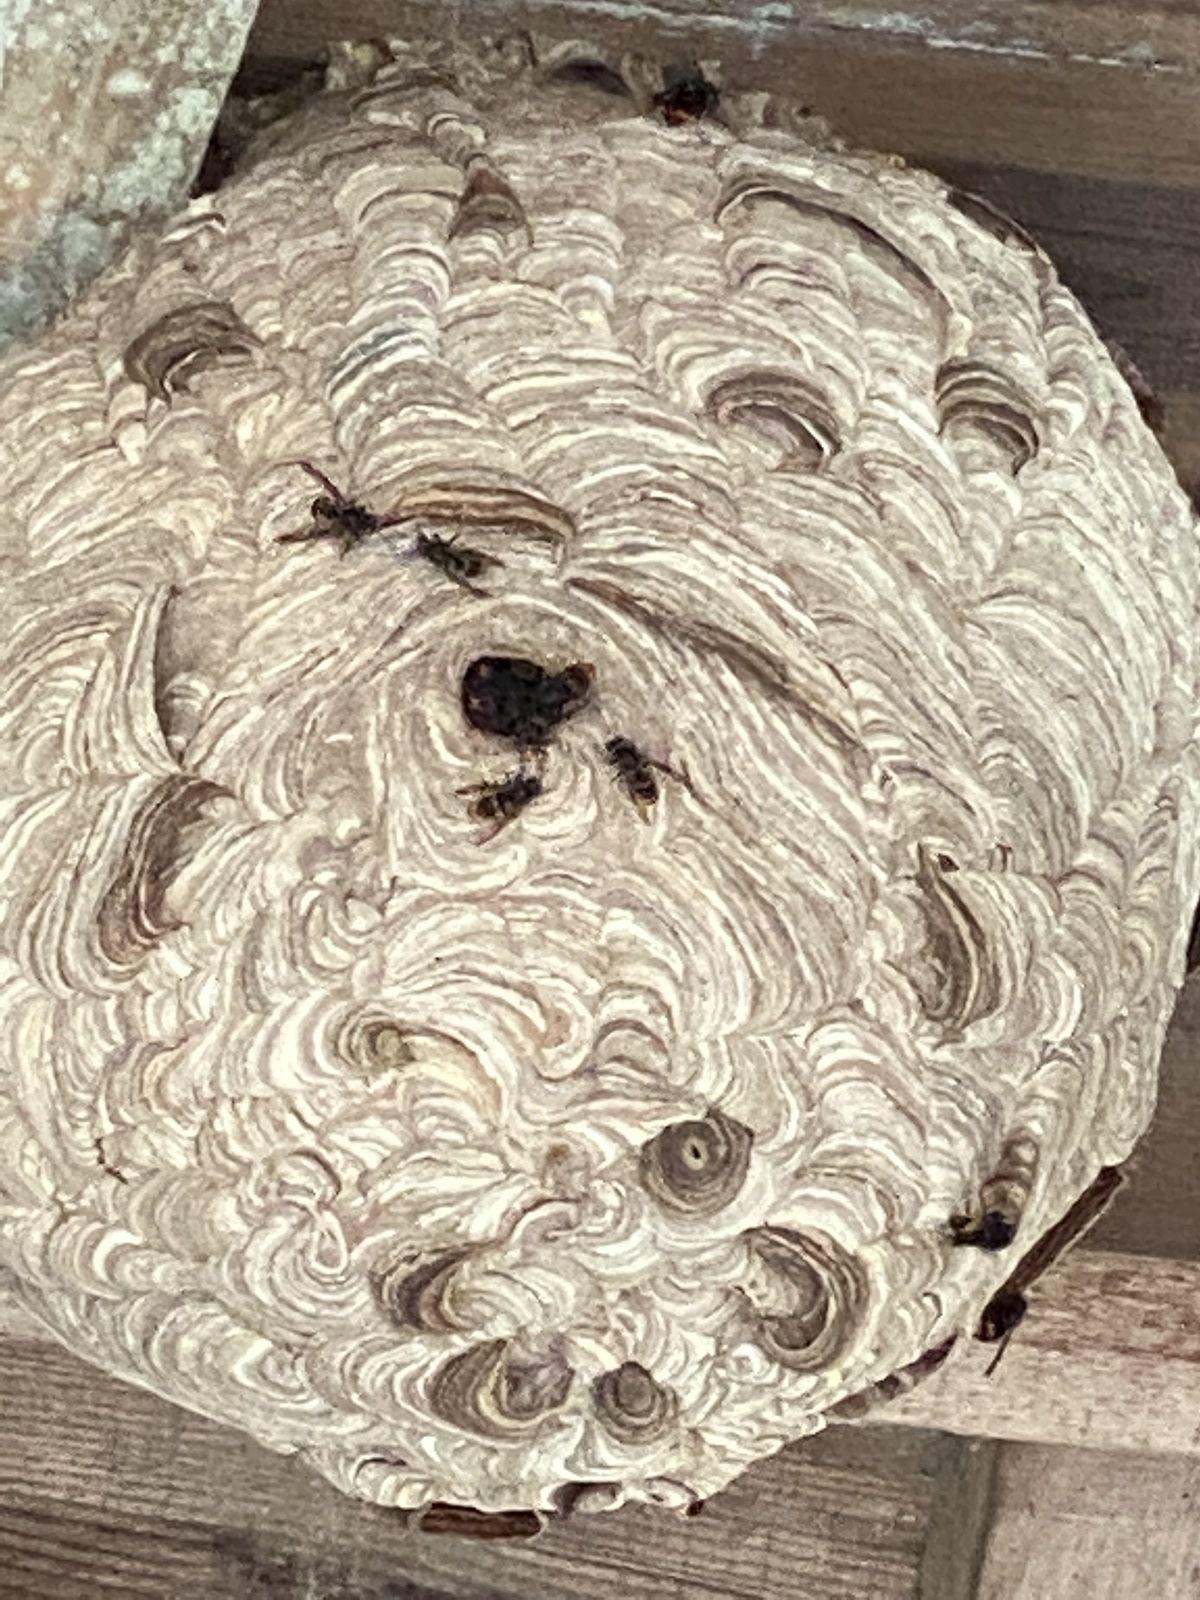 Beautiran destruction traitement de vos nids de frelons par l'ADSA33 contact 06 78 18 32 34